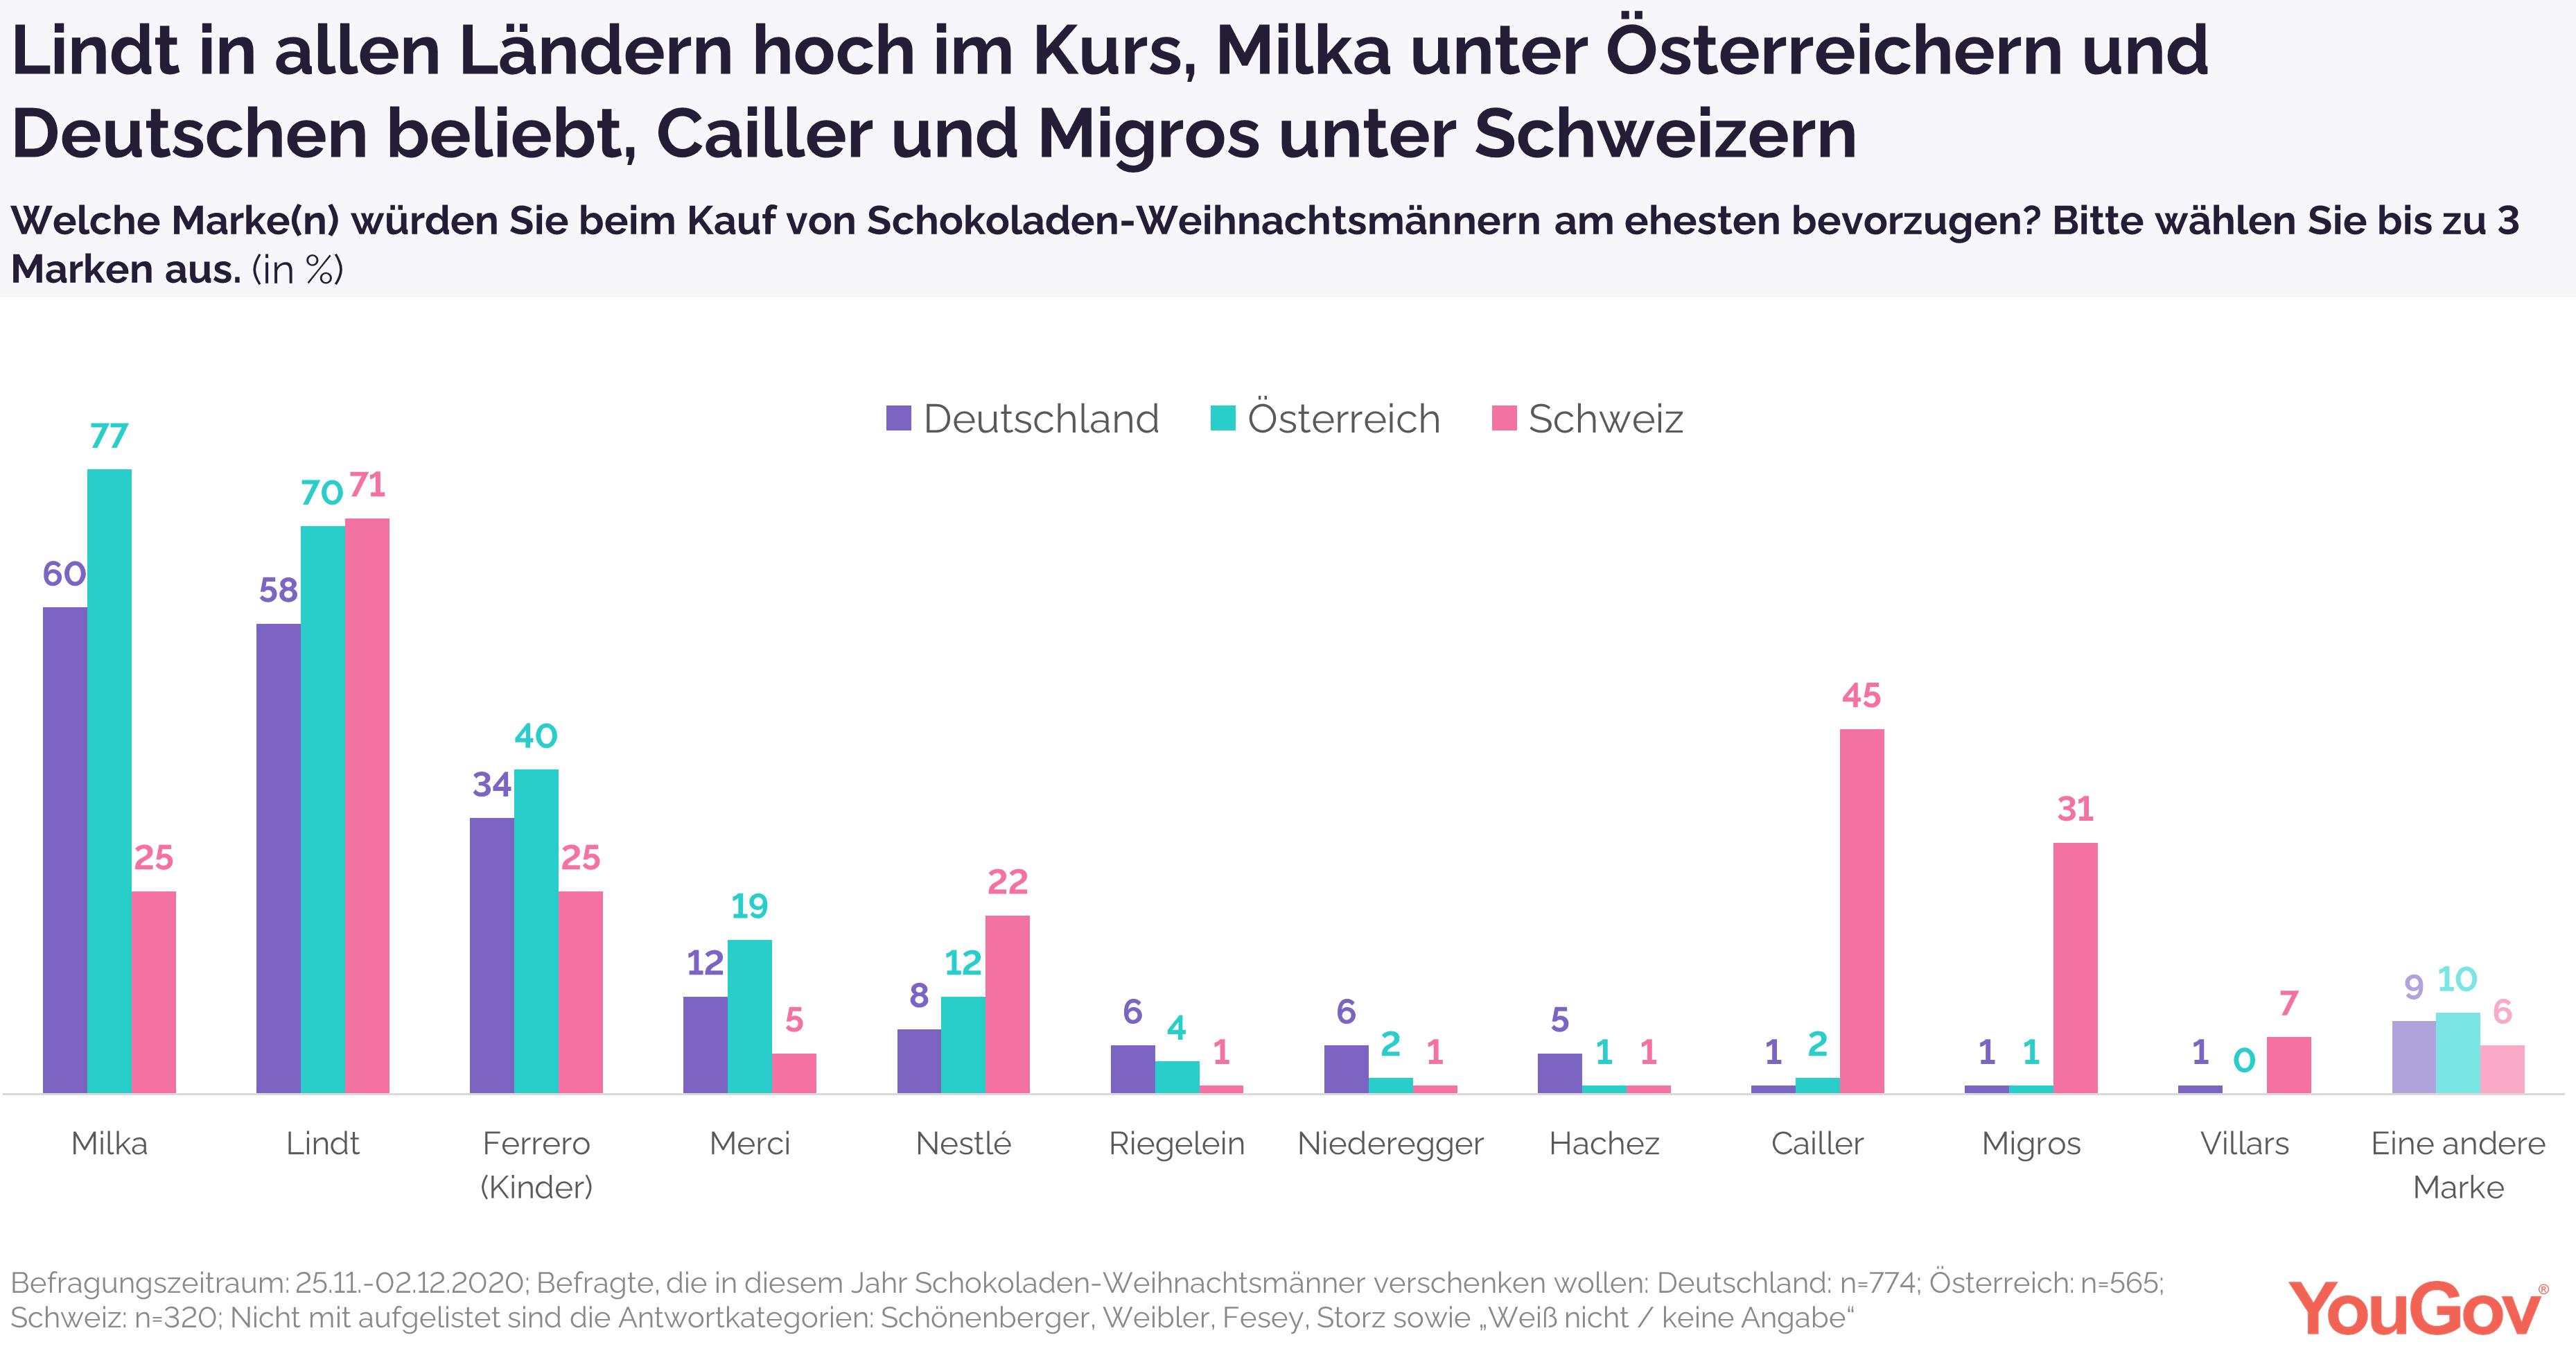 Milka in Deutschland und Österreich am beliebtesten, in der Schweiz Lindt.